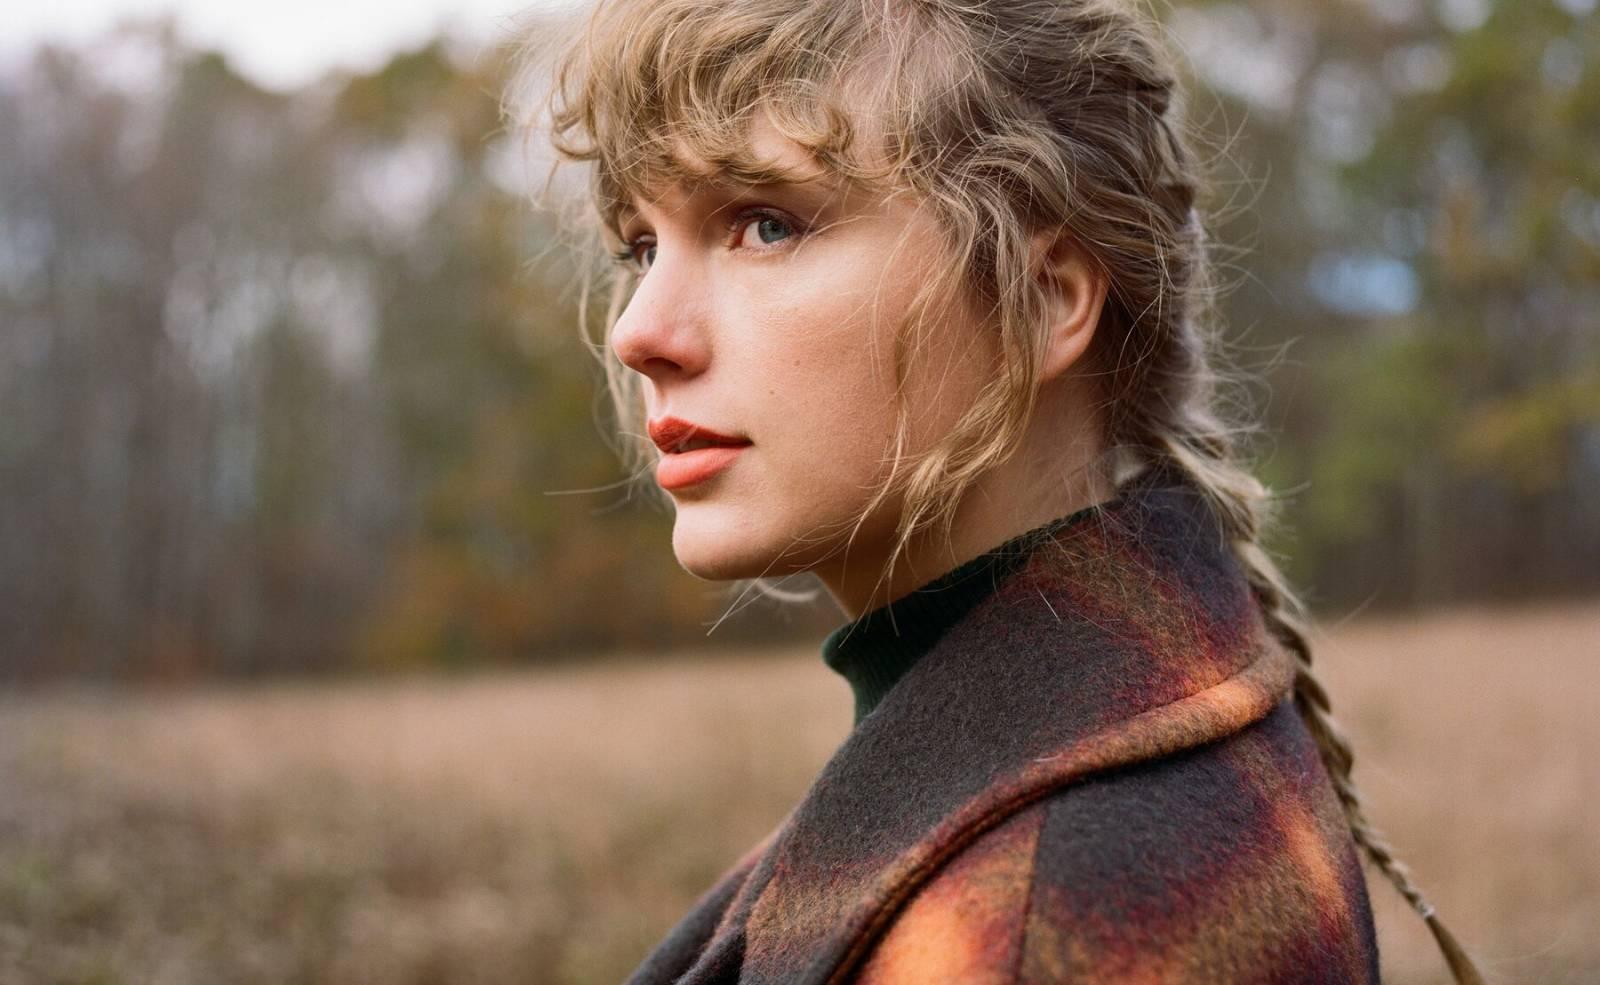 Zahraniční nominační tipy Žebříku (I.): V kategorii Zpěvačka roku bojují Dua Lipa, Taylor Swift či LP, zpěvákem se může stát Ozzy Osbourne i Harry Styles